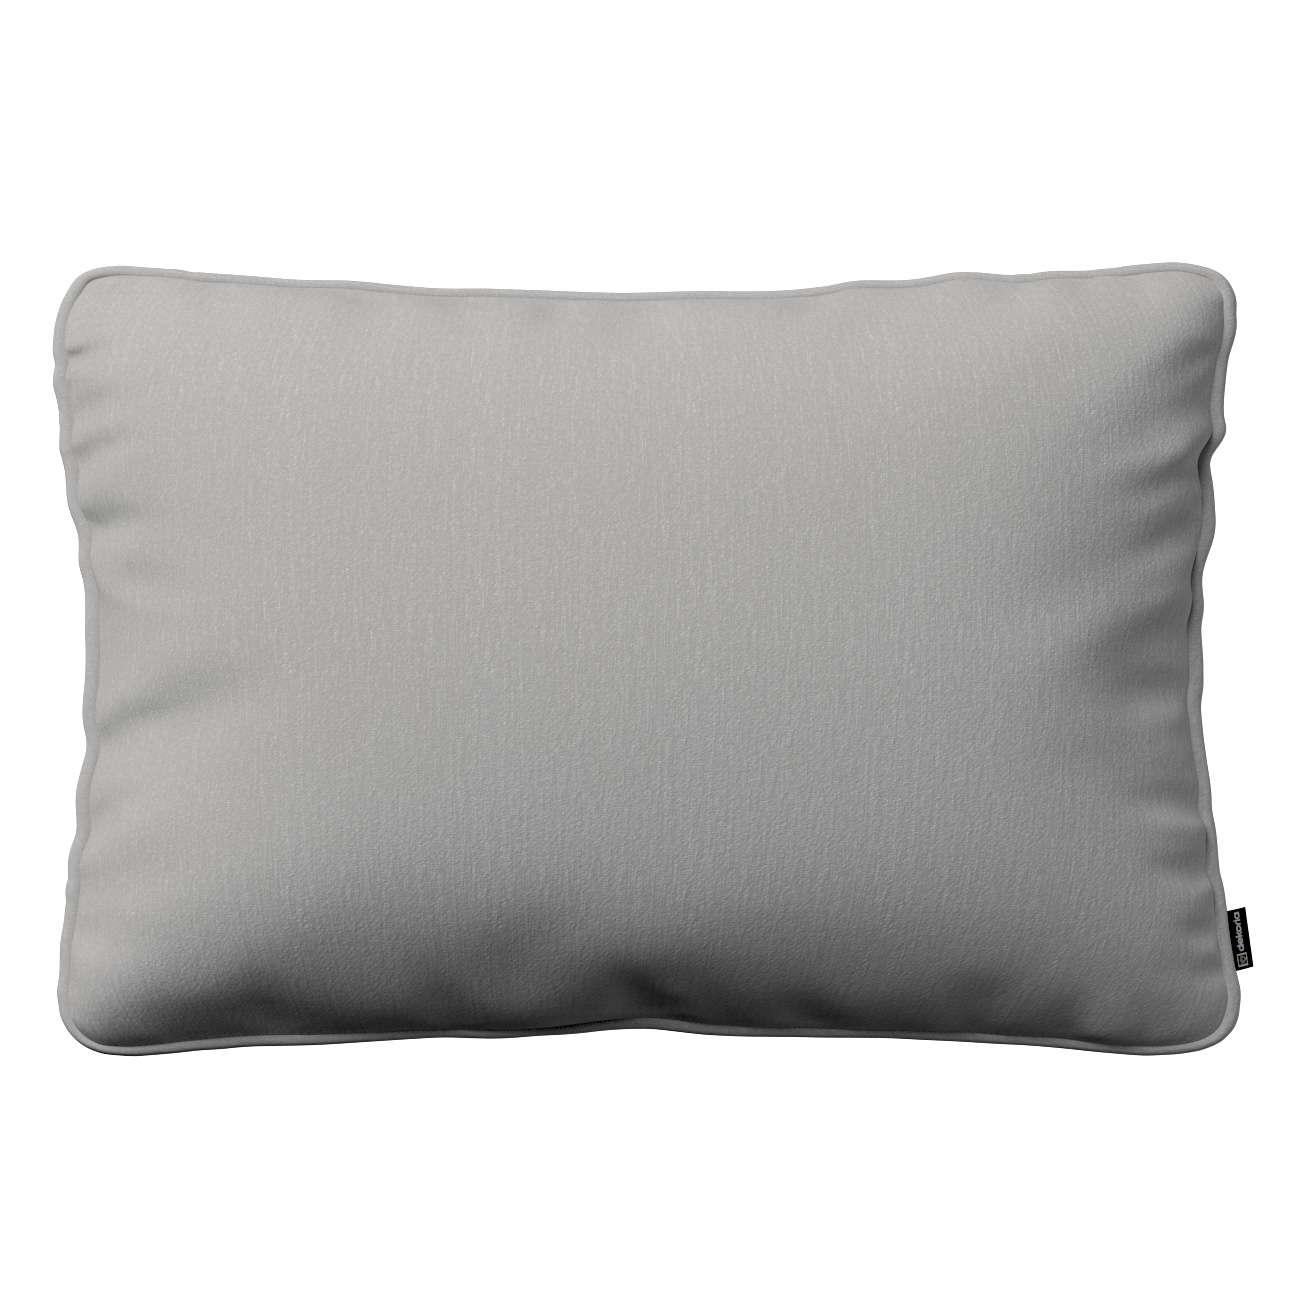 Poszewka Gabi na poduszkę prostokątna 60 x 40 cm w kolekcji Chenille, tkanina: 702-23